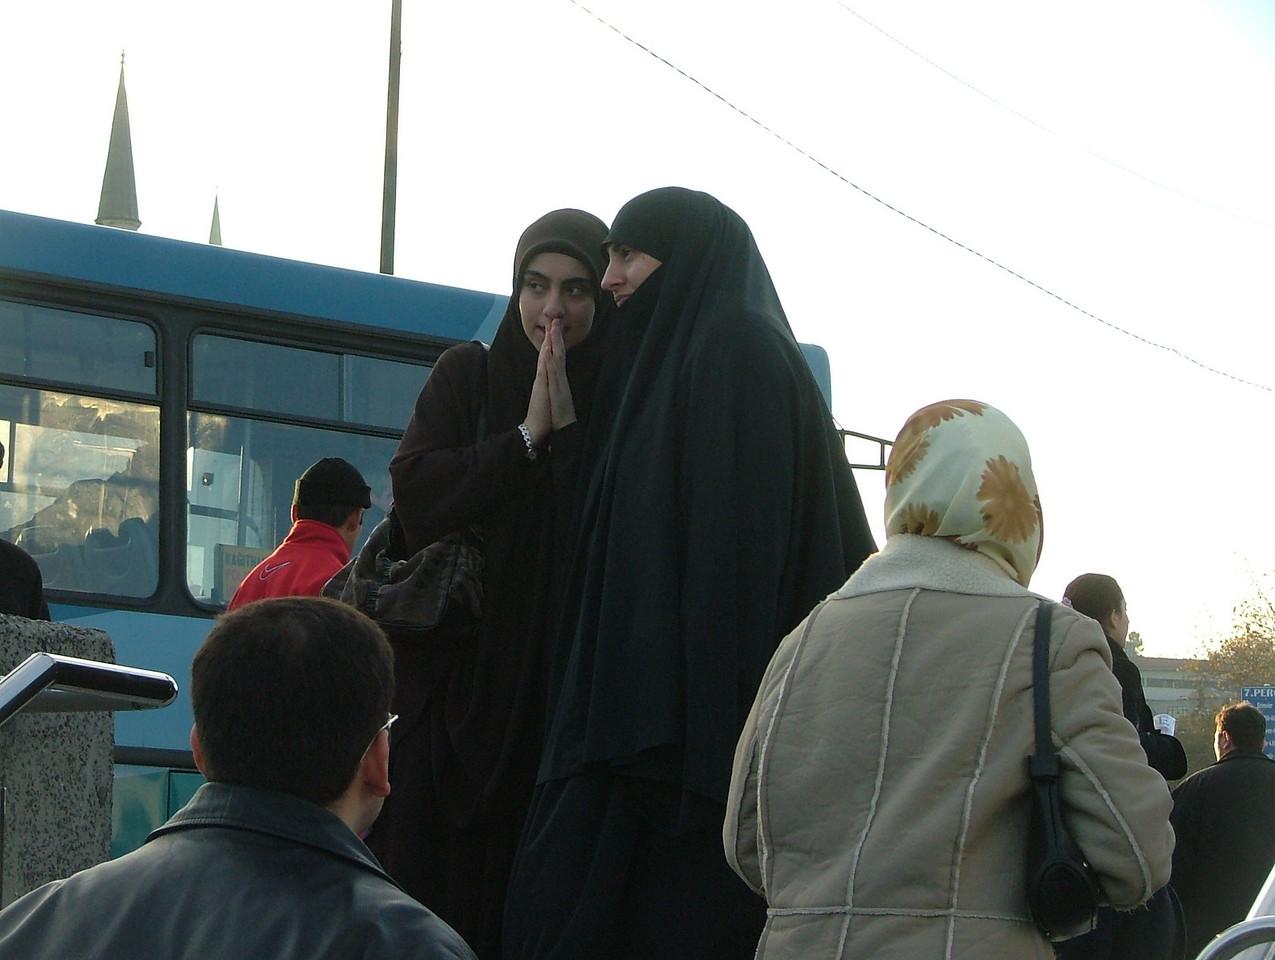 Two women at Eminonu